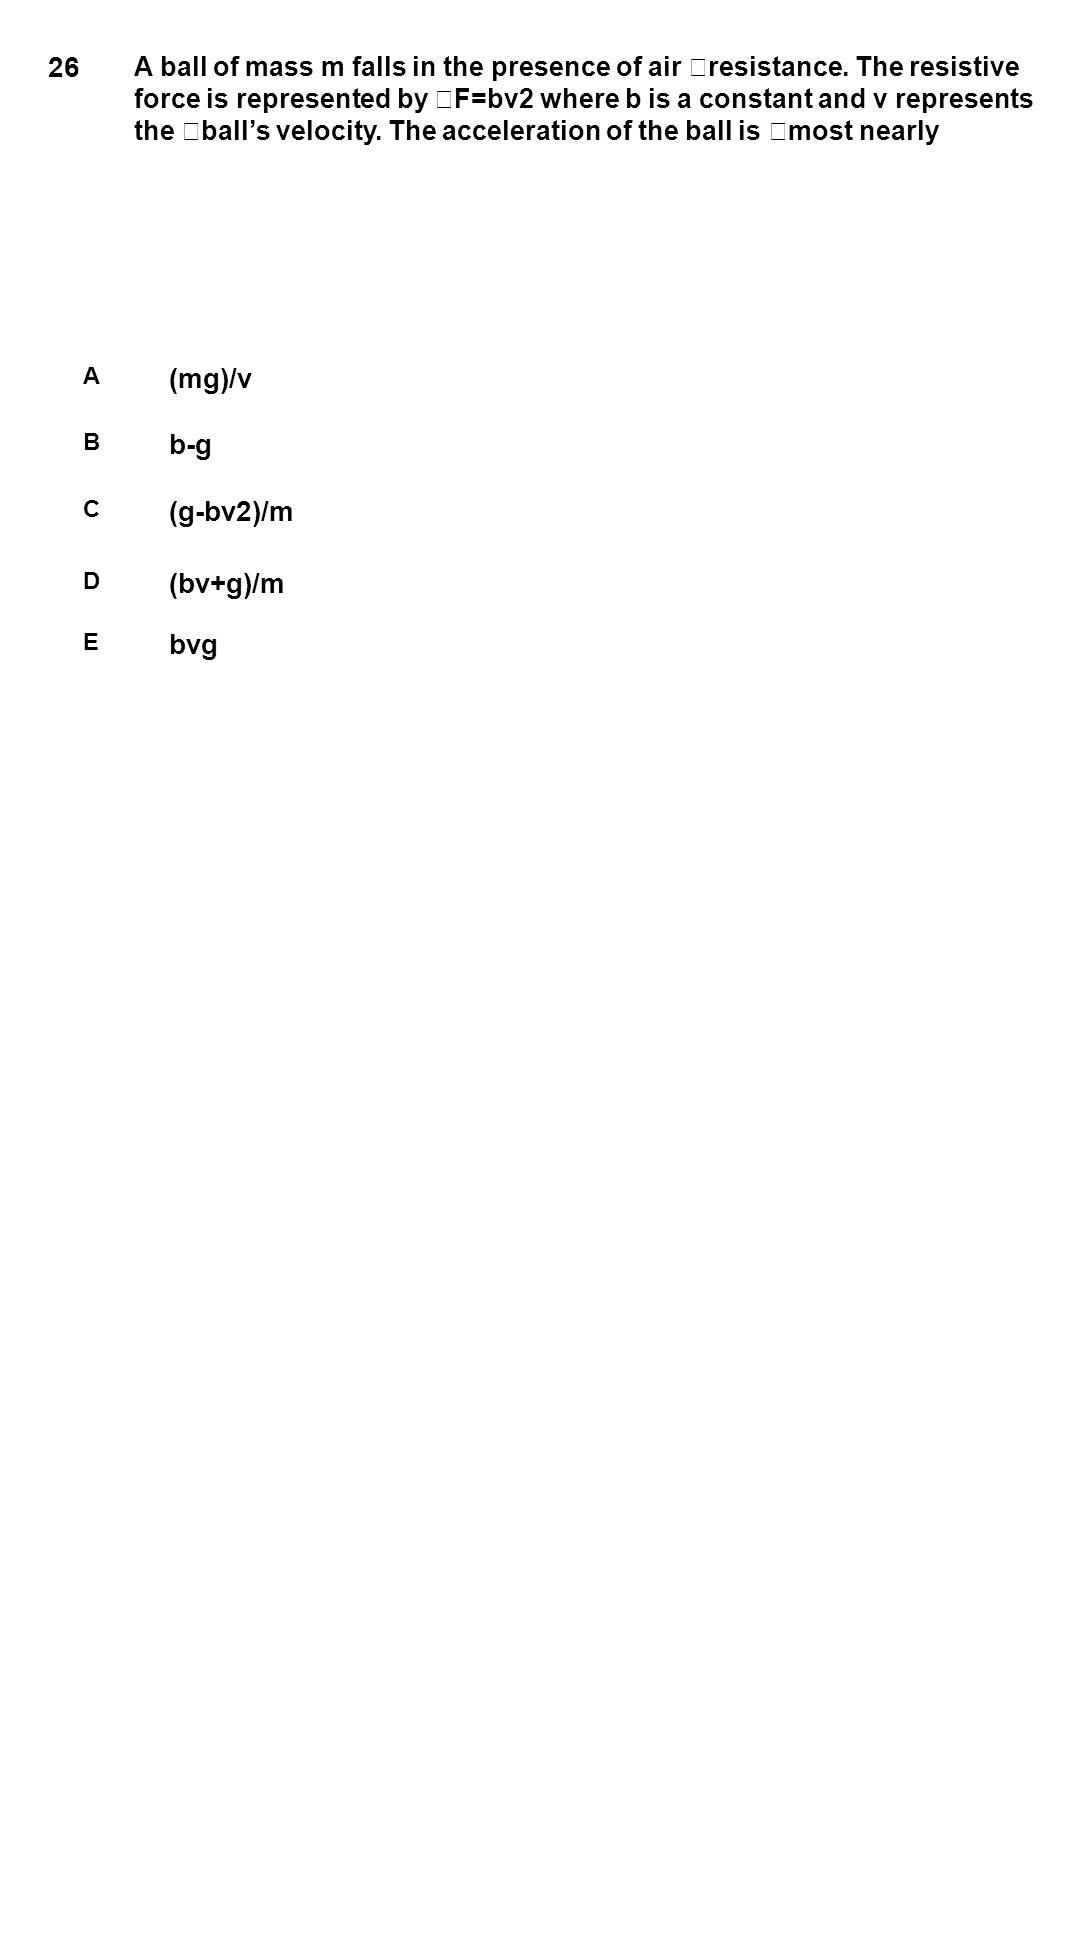 26 (mg)/v b-g (g-bv2)/m (bv+g)/m bvg